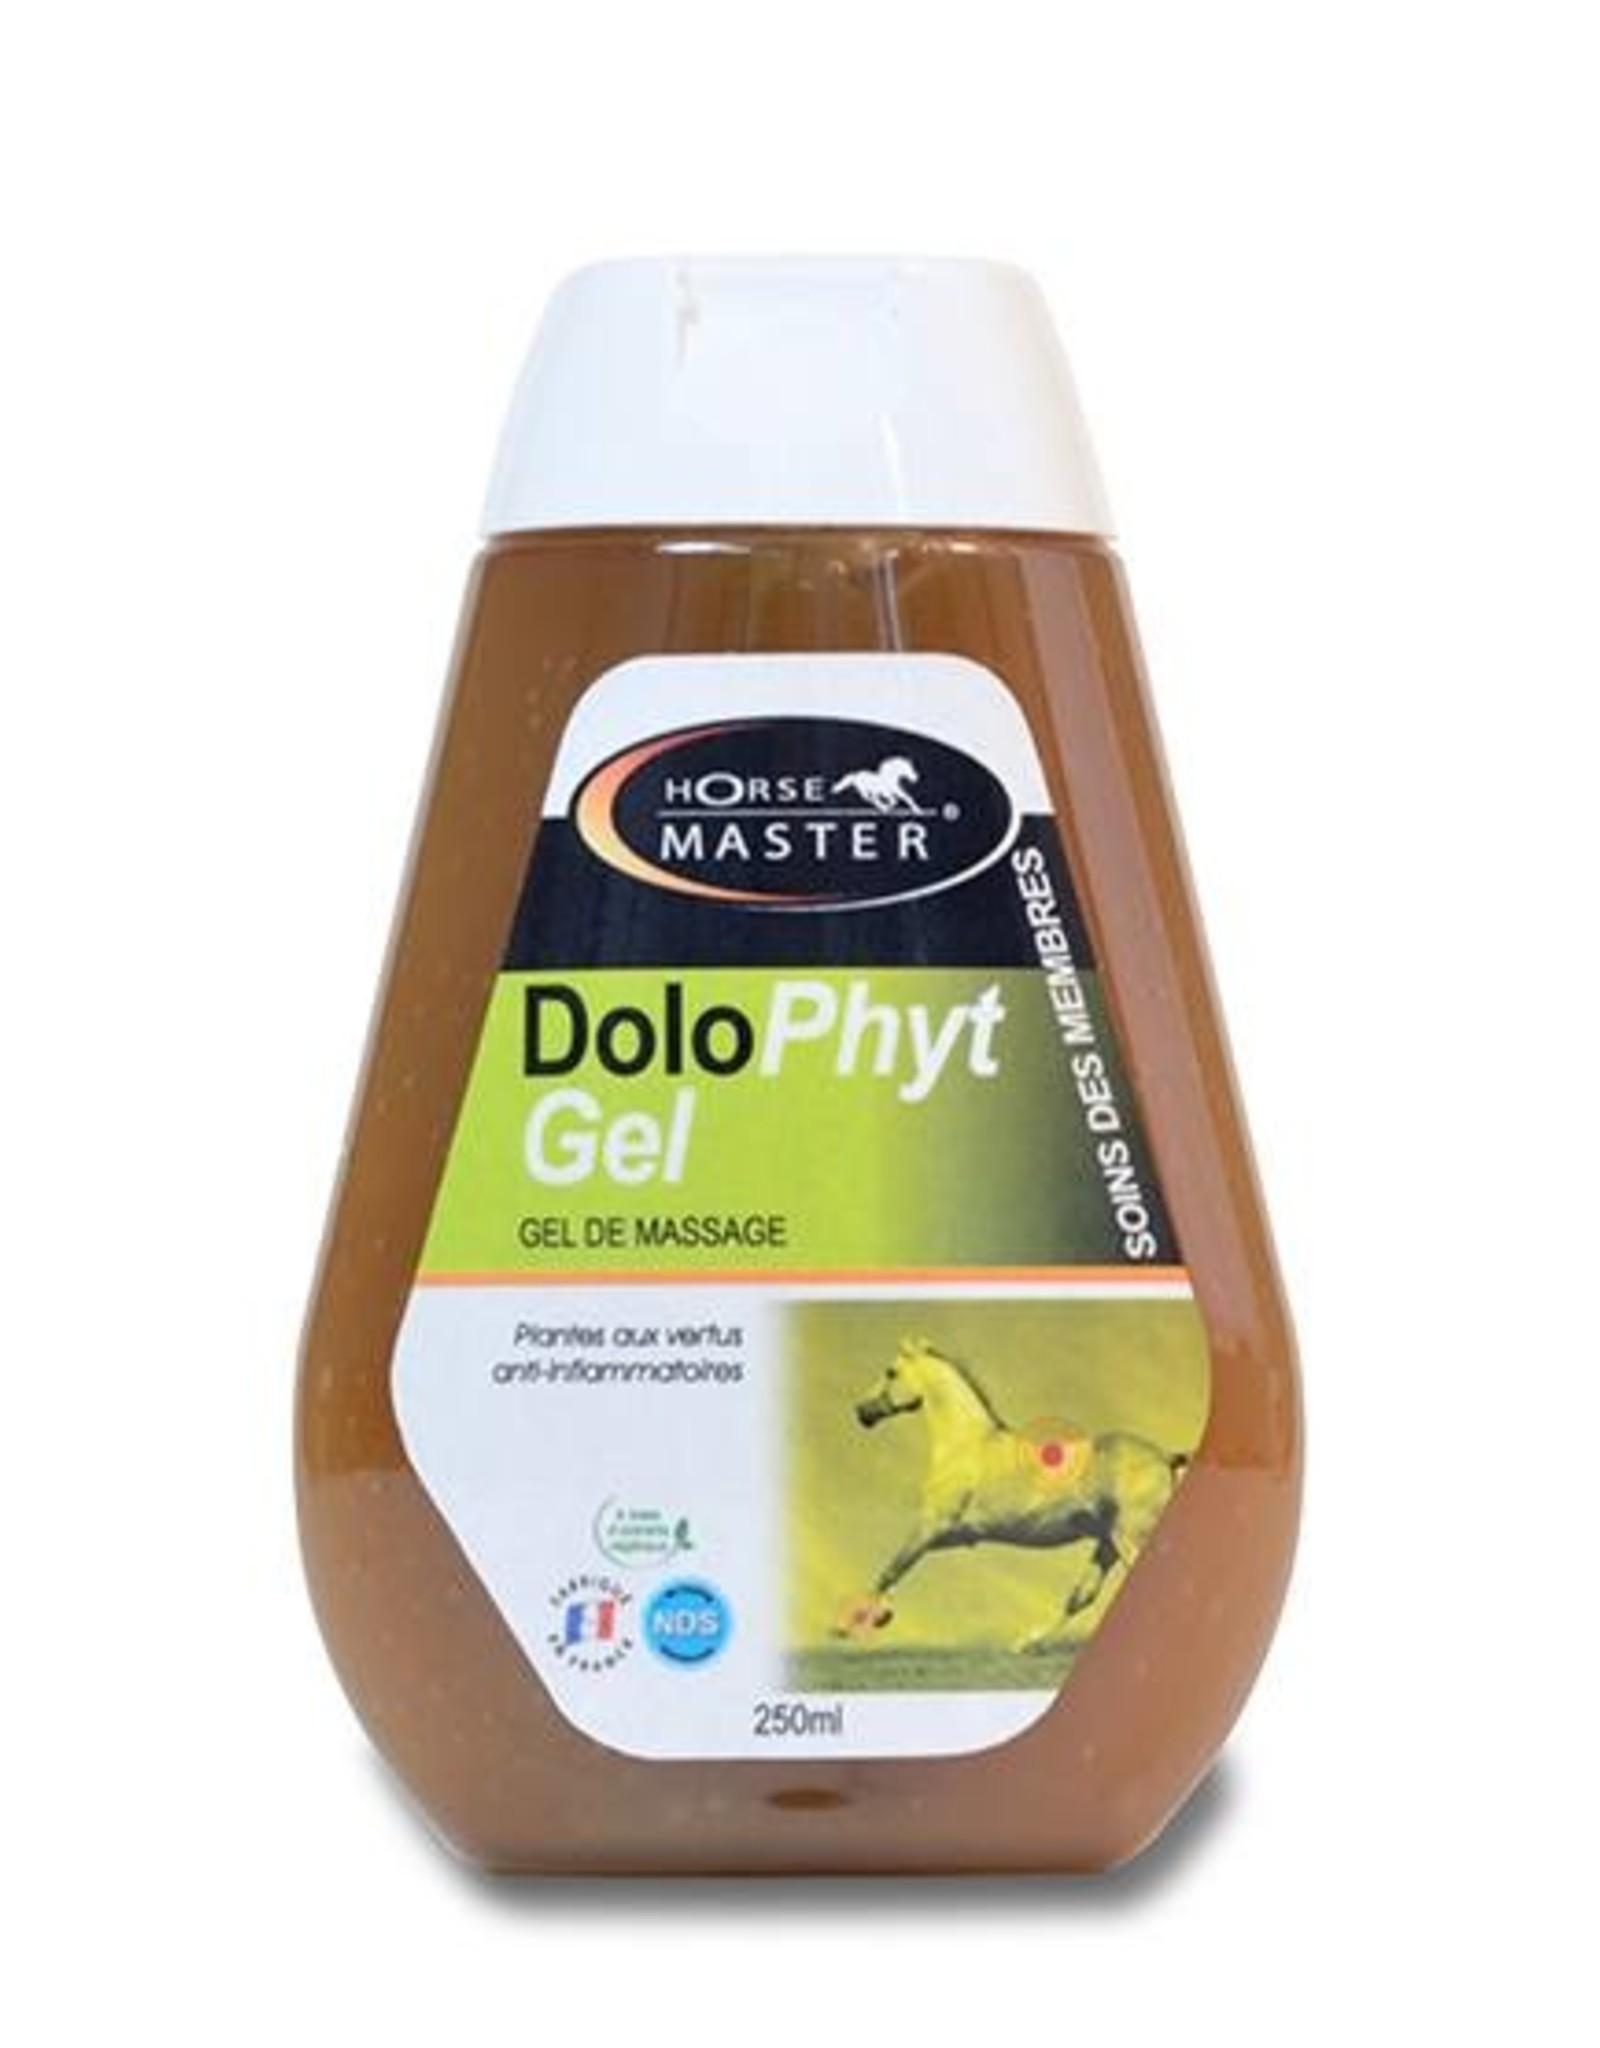 Horse Master Dolophyt Gel